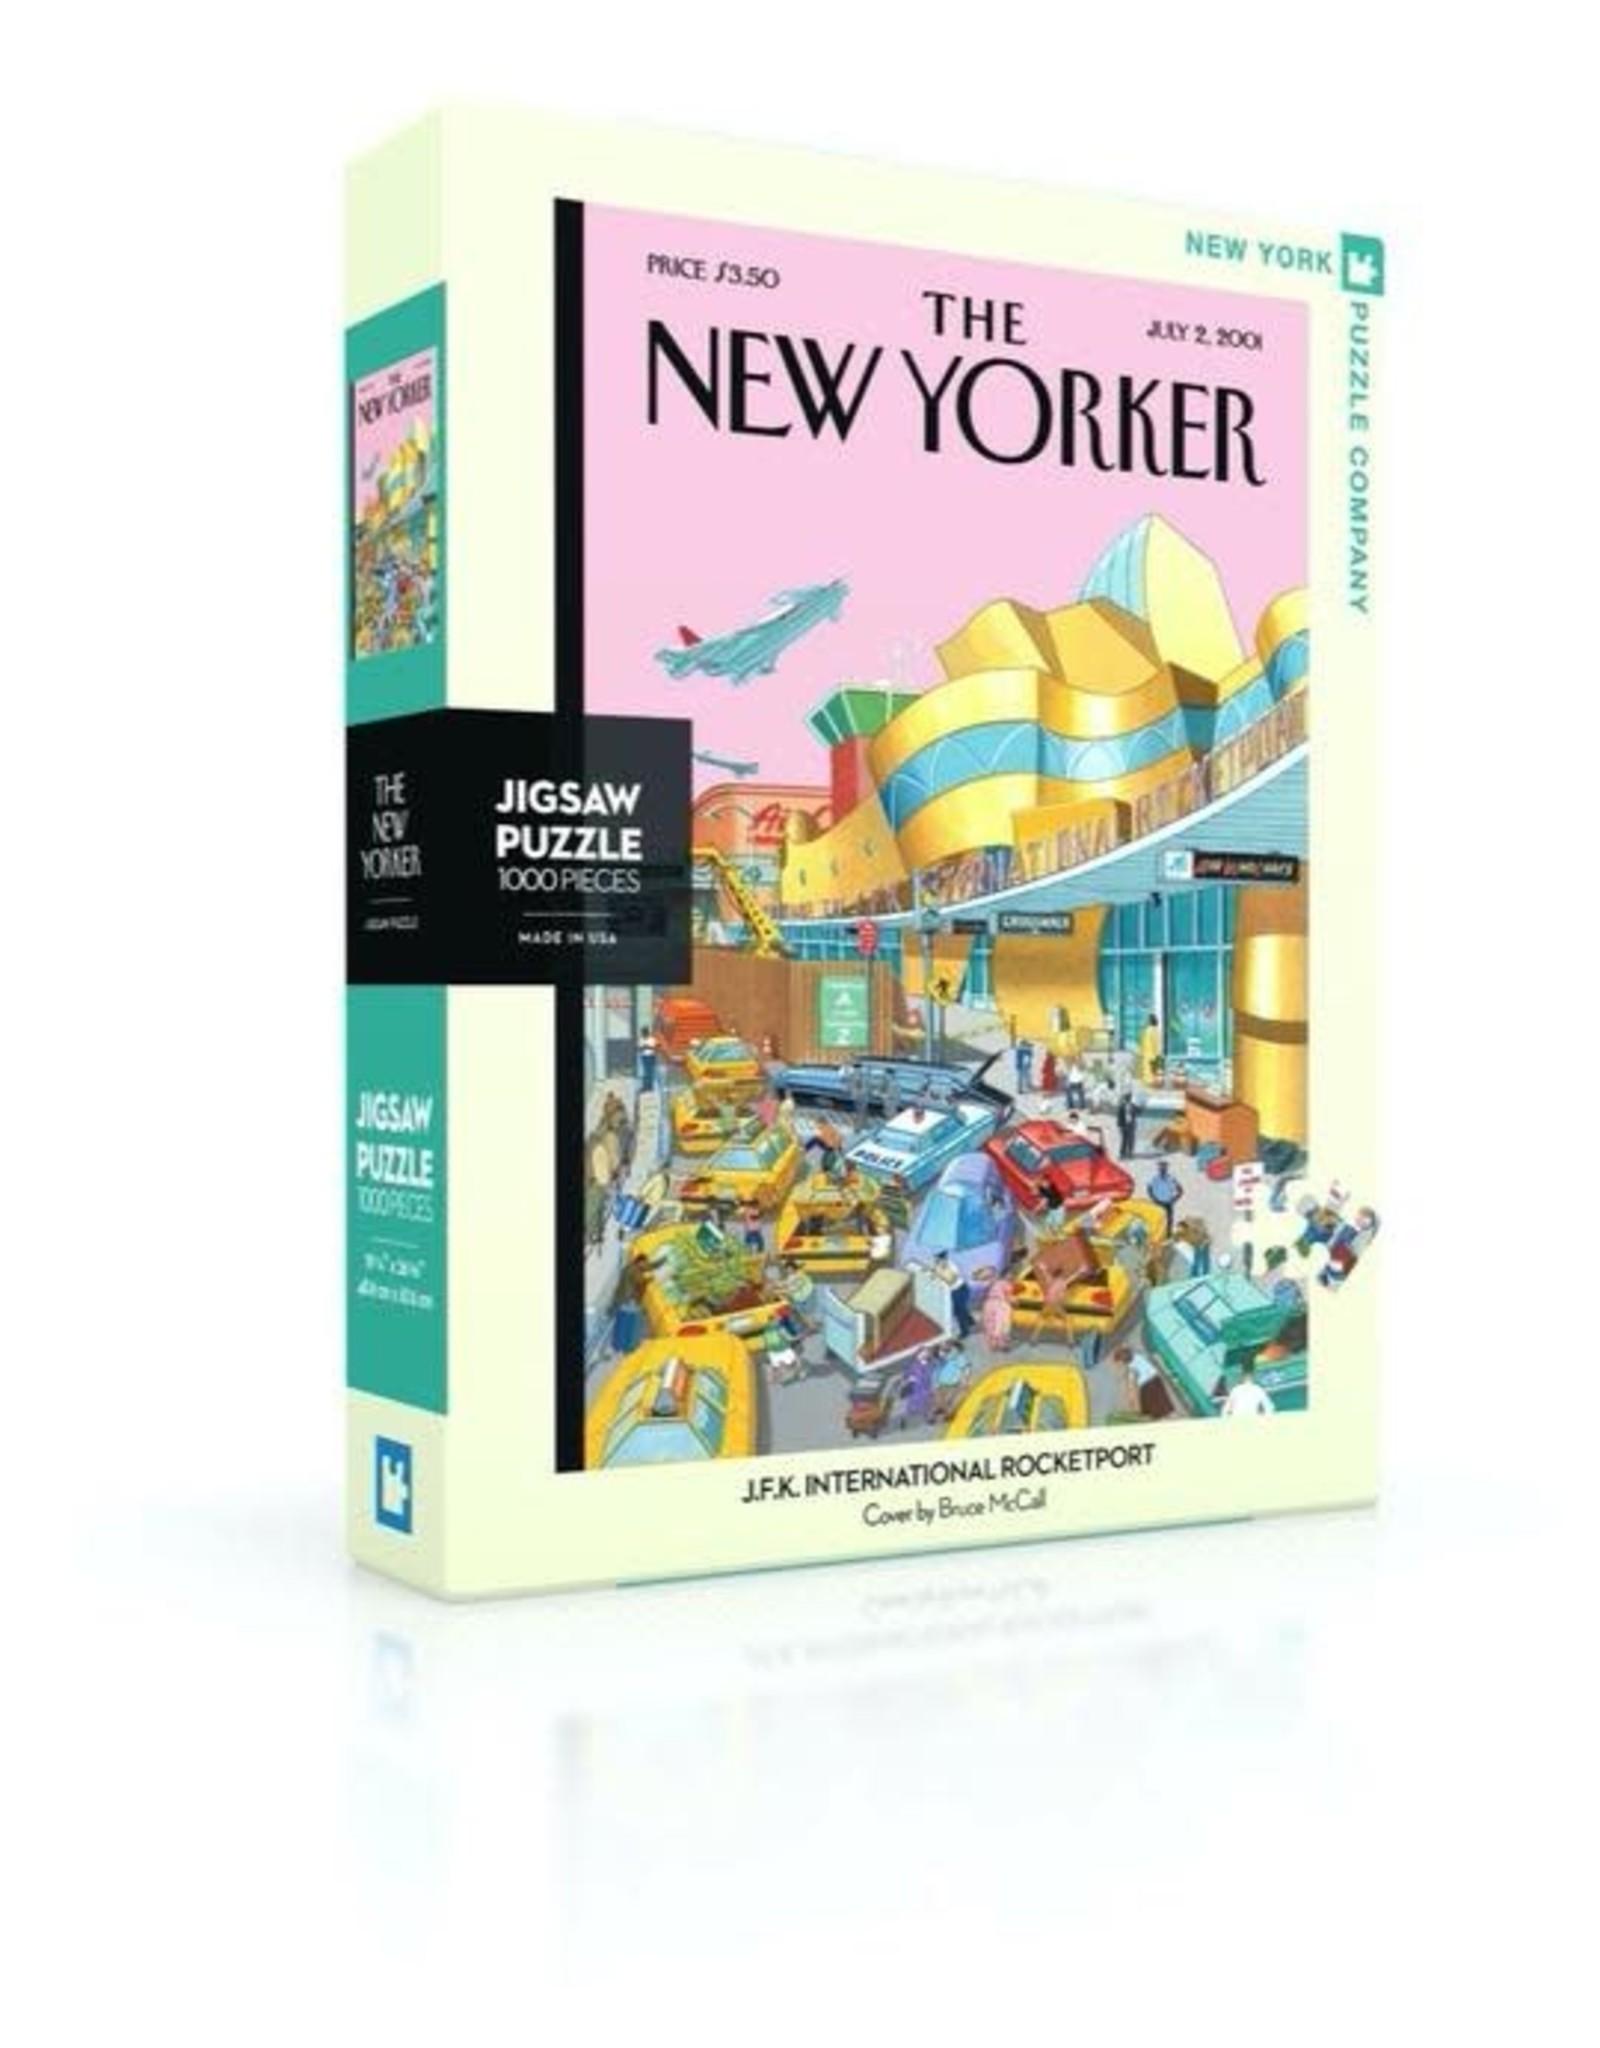 JFK International Rocketport Puzzle, 1000 Pieces